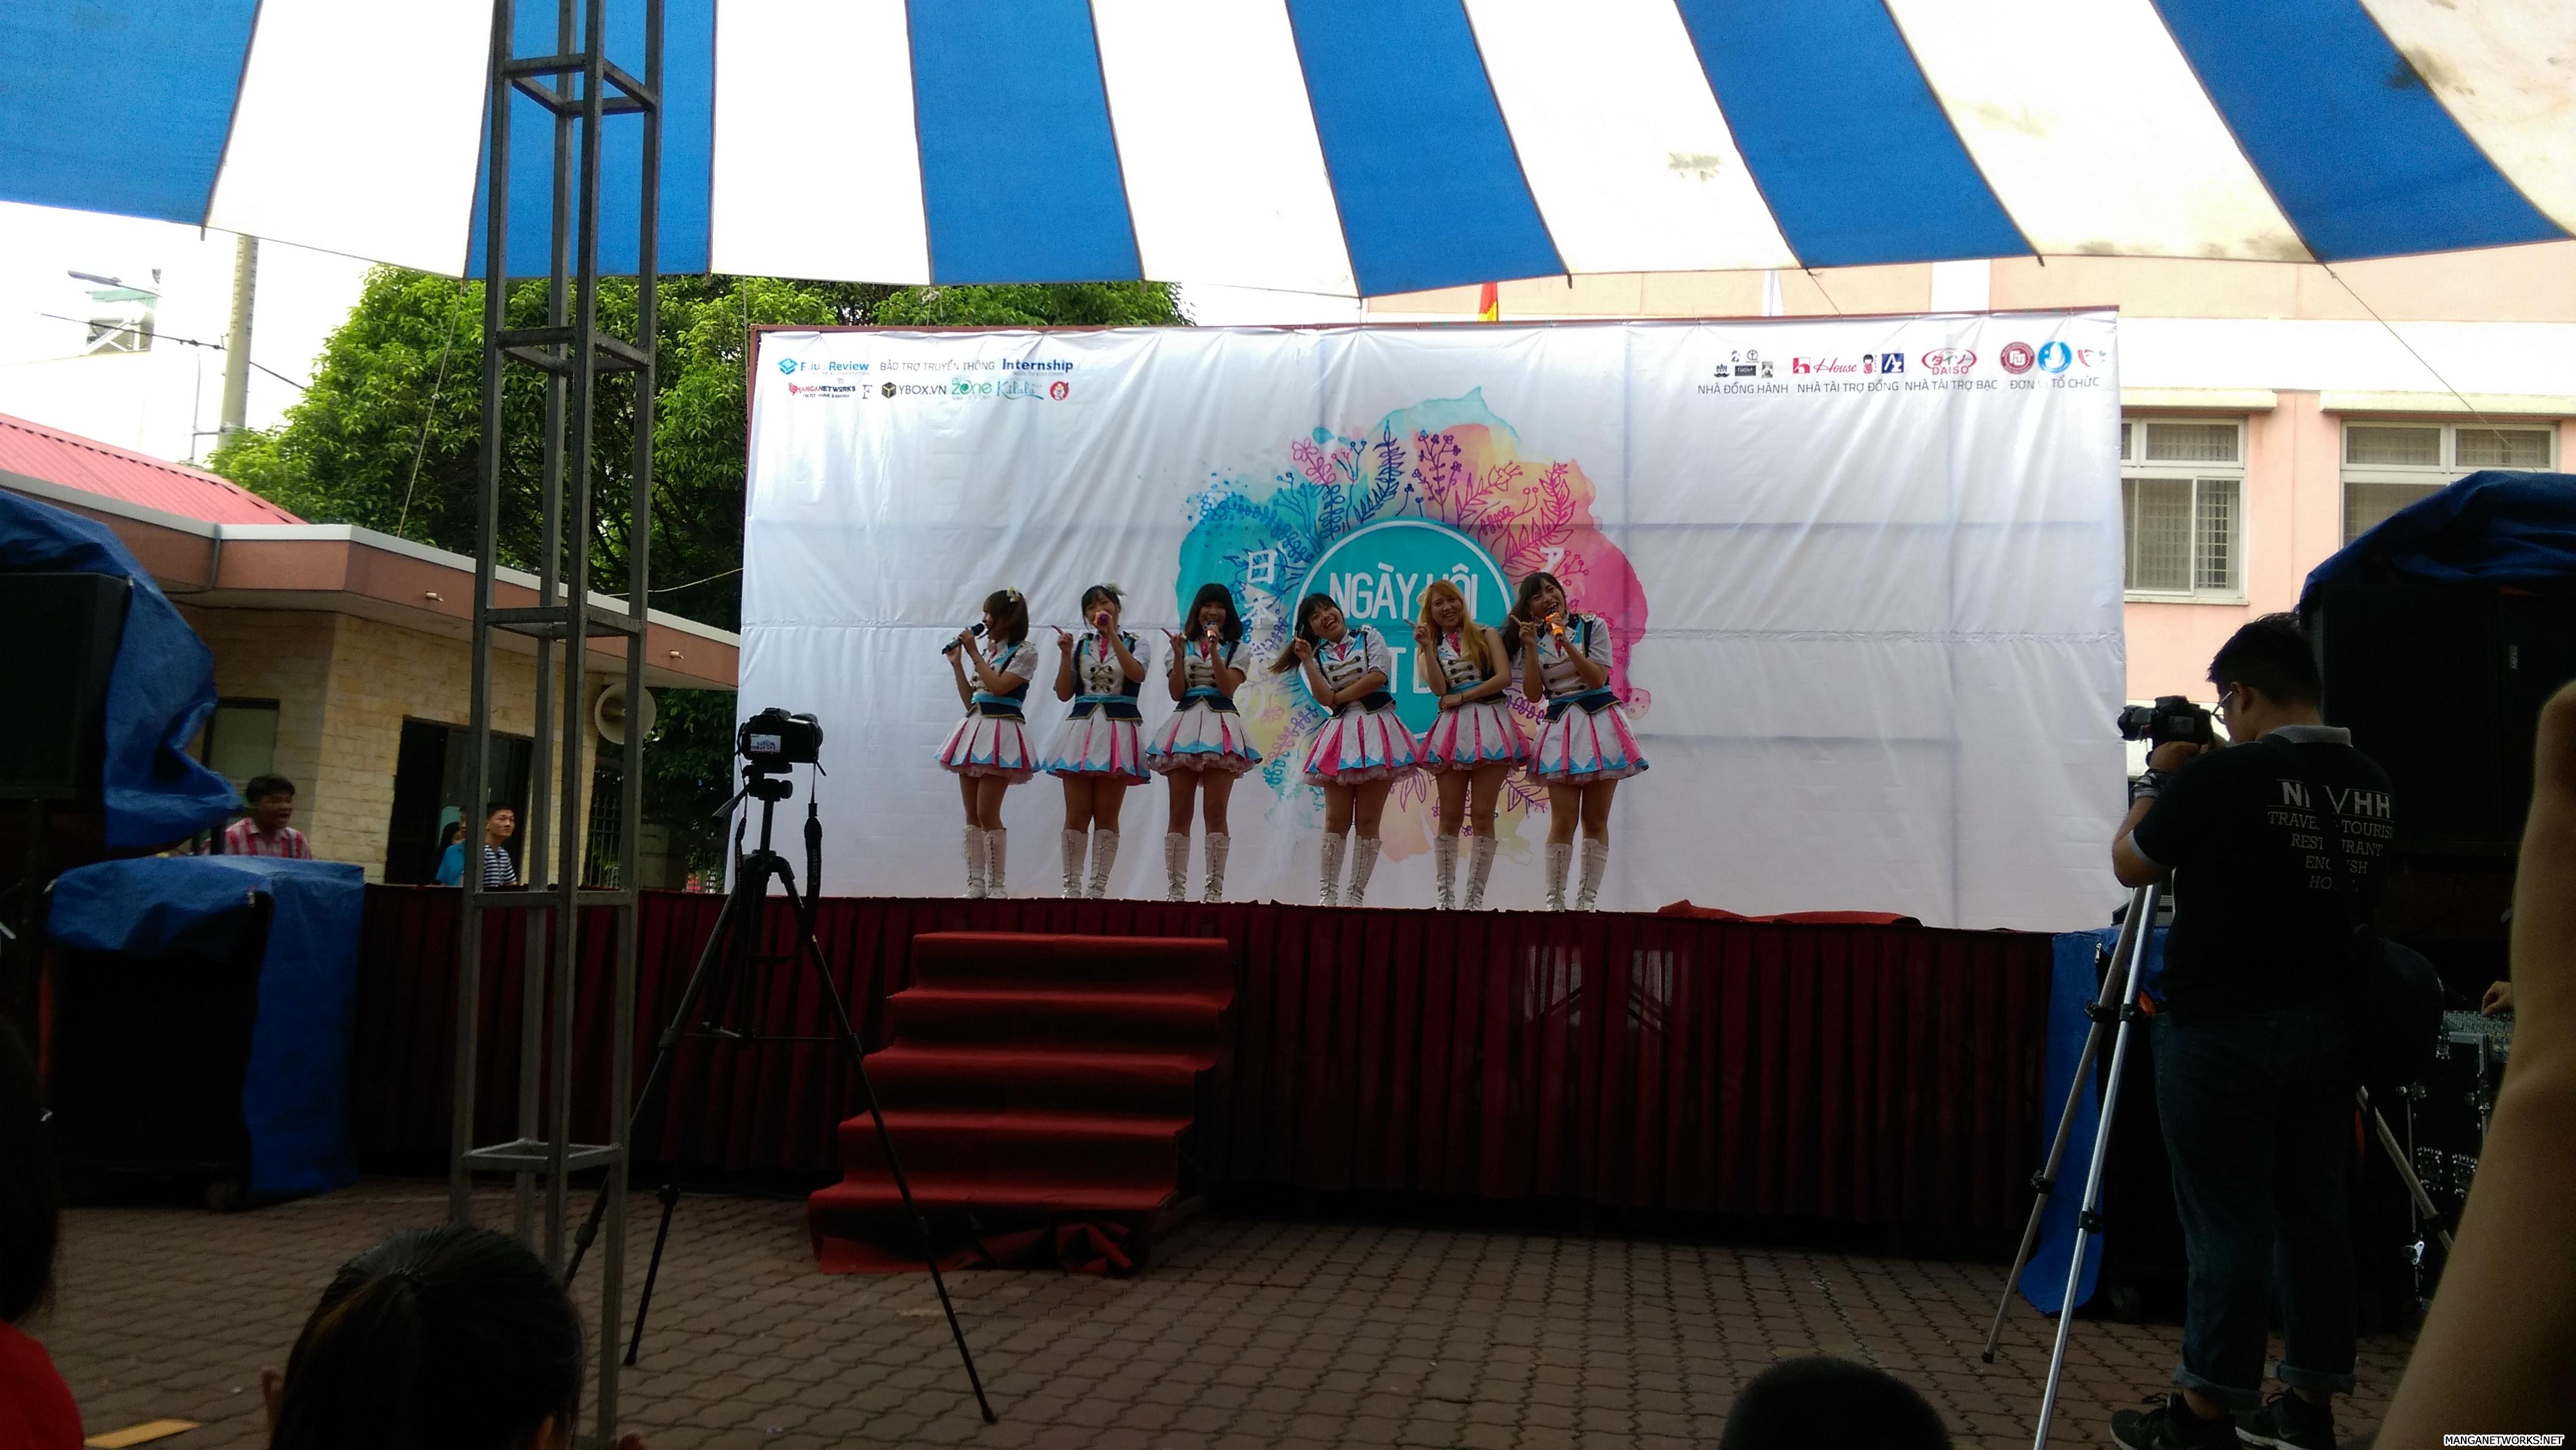 33880330553 899edc9918 o [Review] Ngày hội Nhật Bản